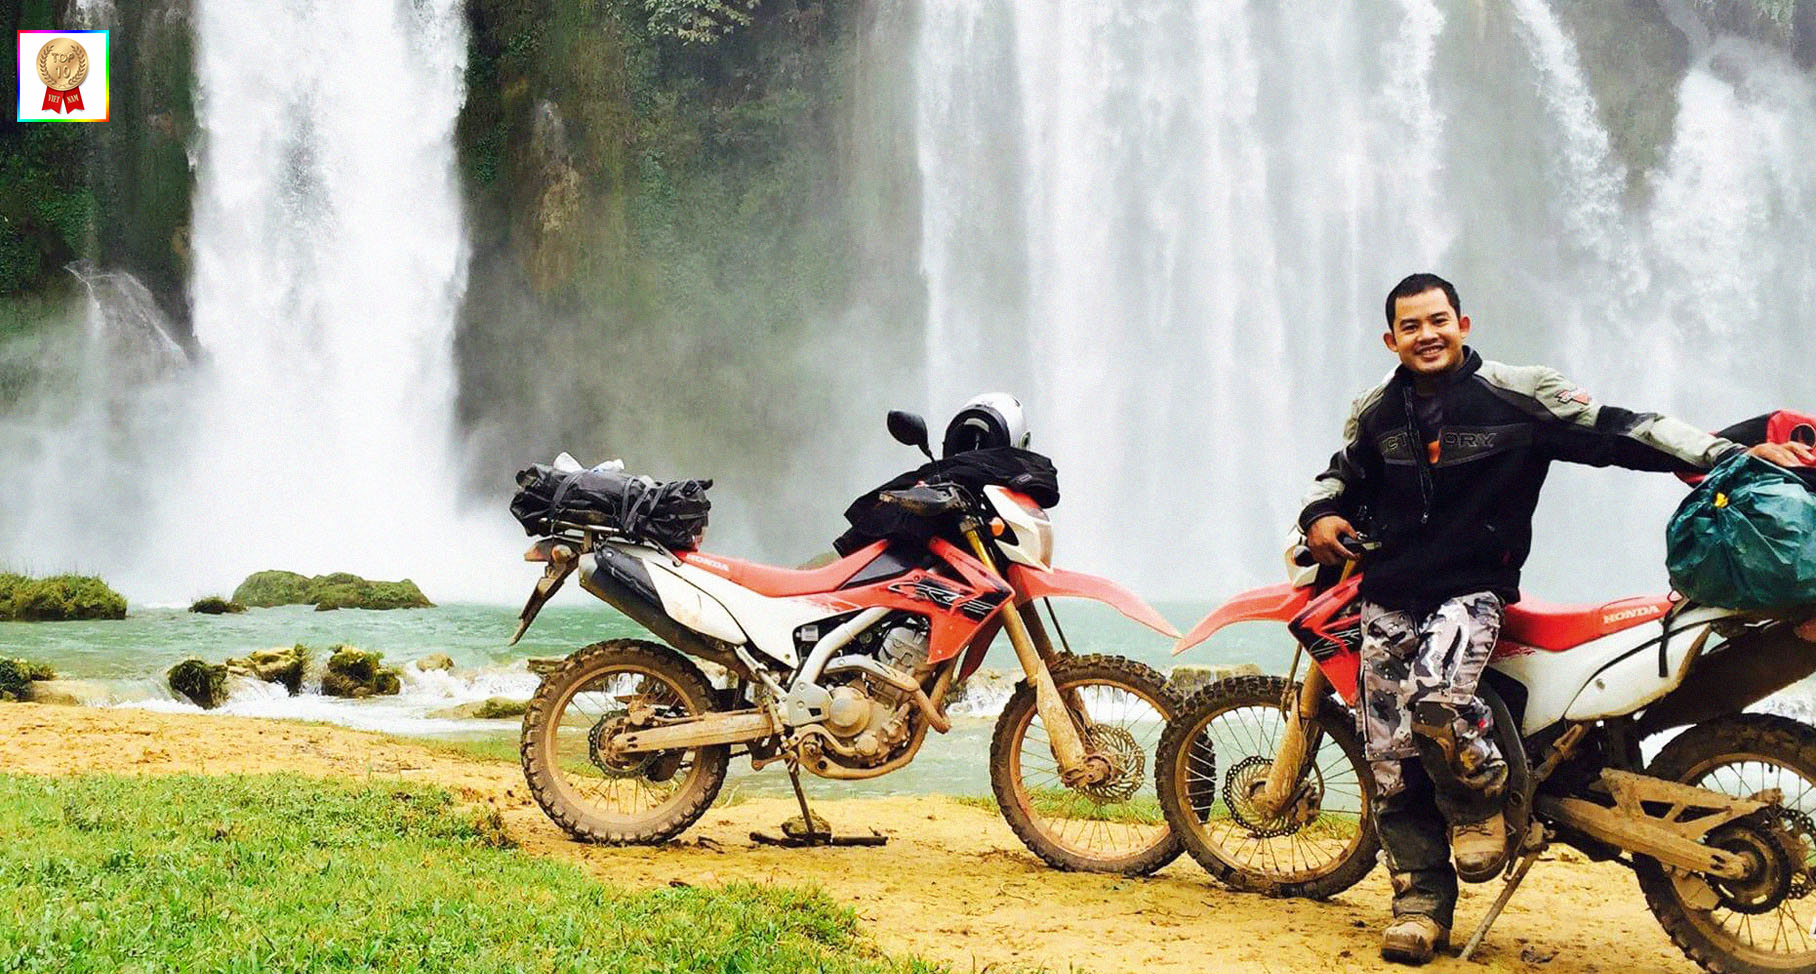 Thuê xe máy phượt tại Hà Giang Epic Tour & Motorbike